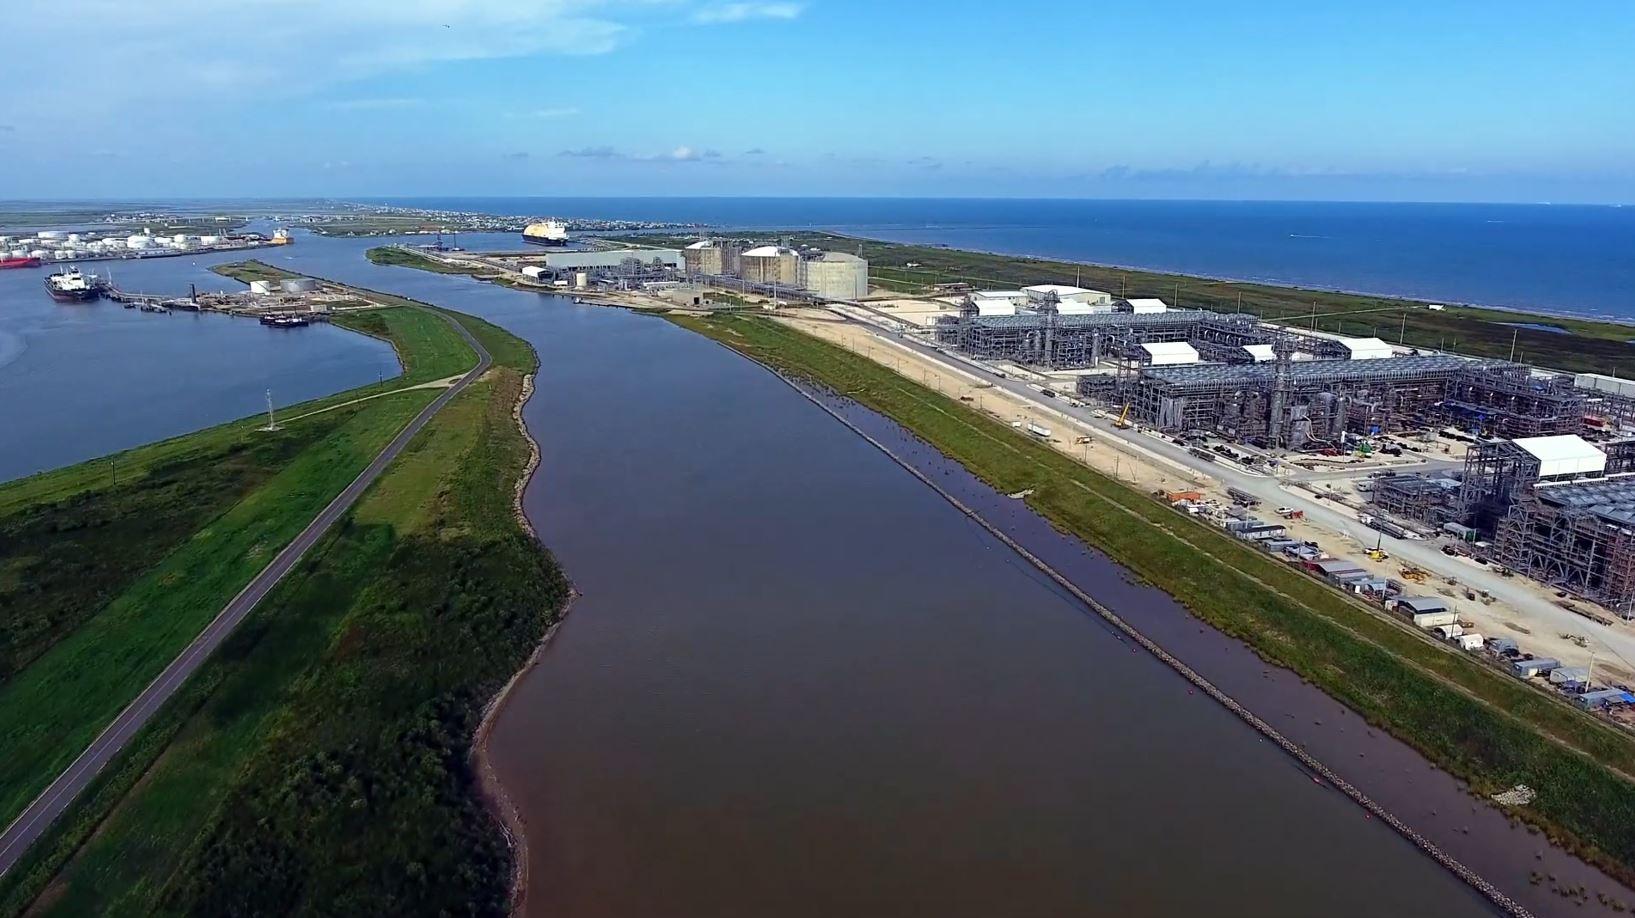 Storm Nicholas shuts down Freeport LNG terminal in Texas